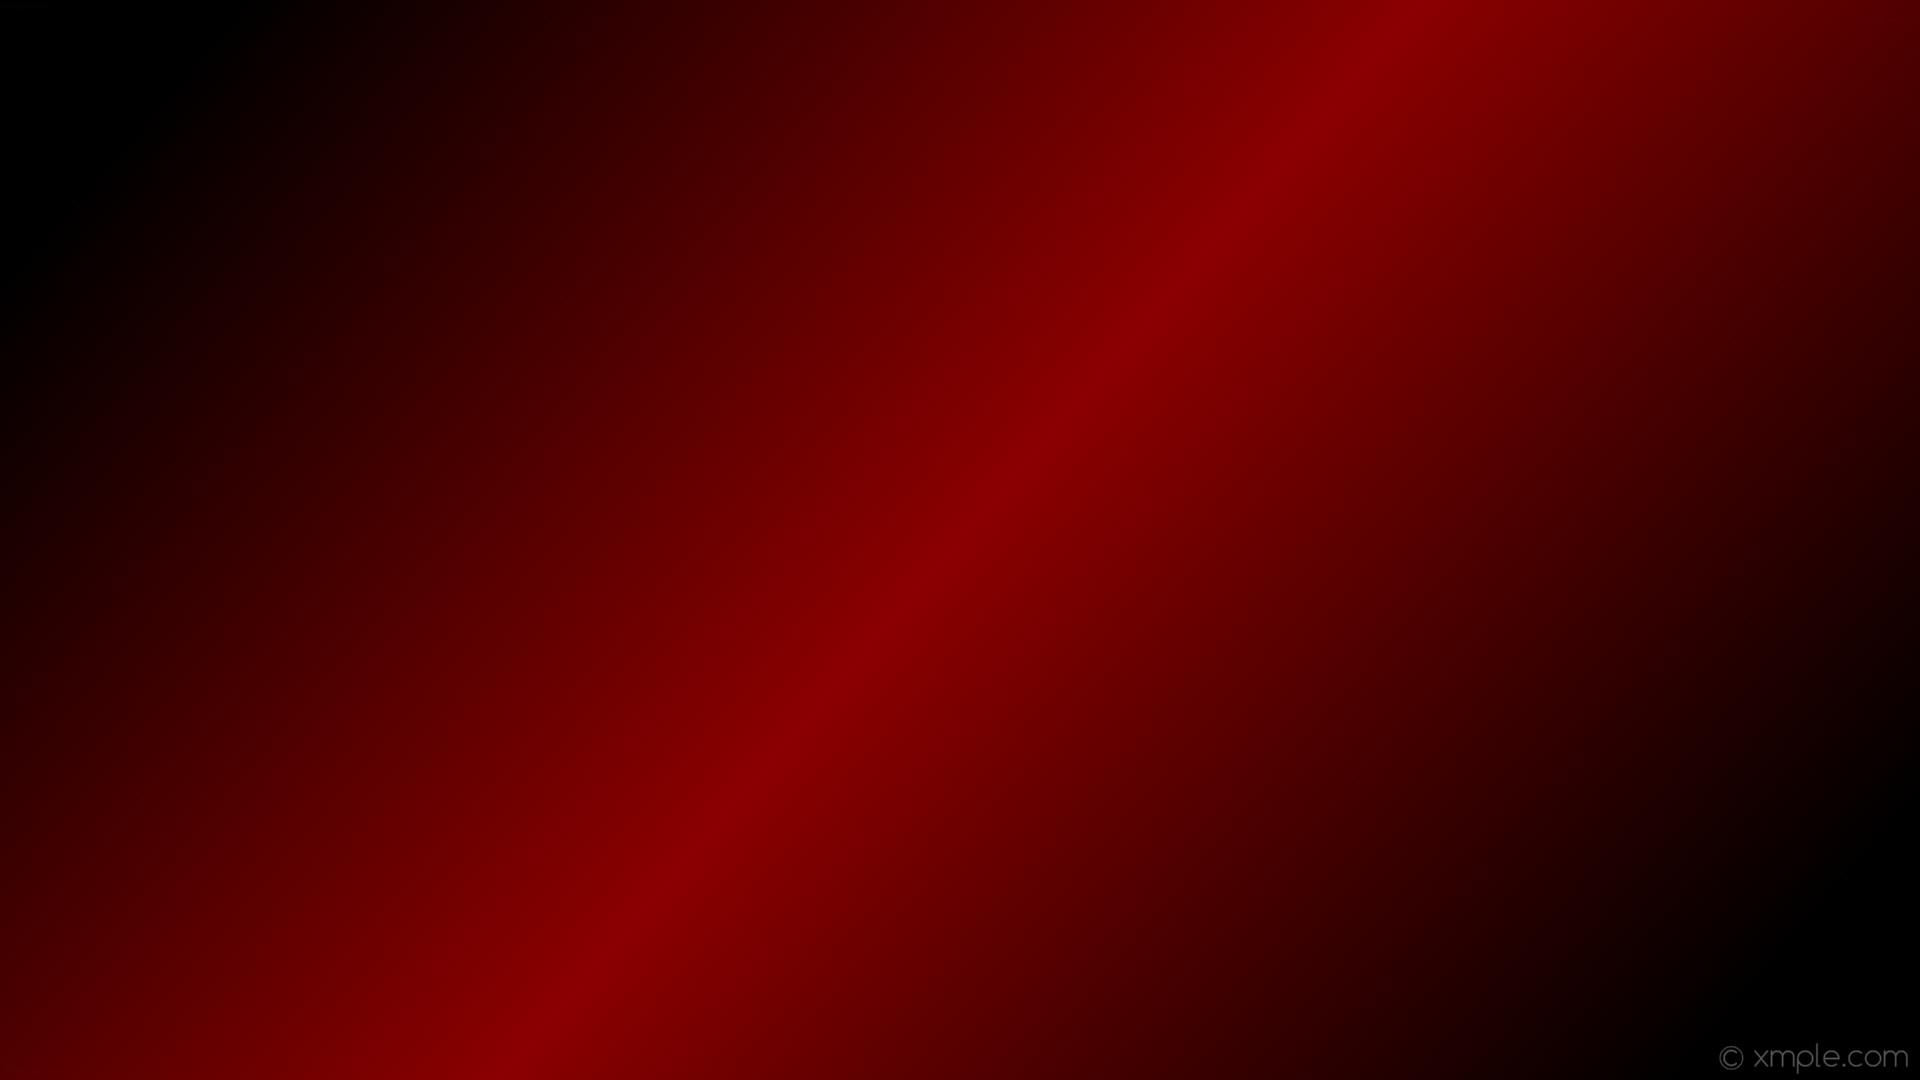 wallpaper linear black red gradient highlight dark red #000000 #8b0000 345°  50%